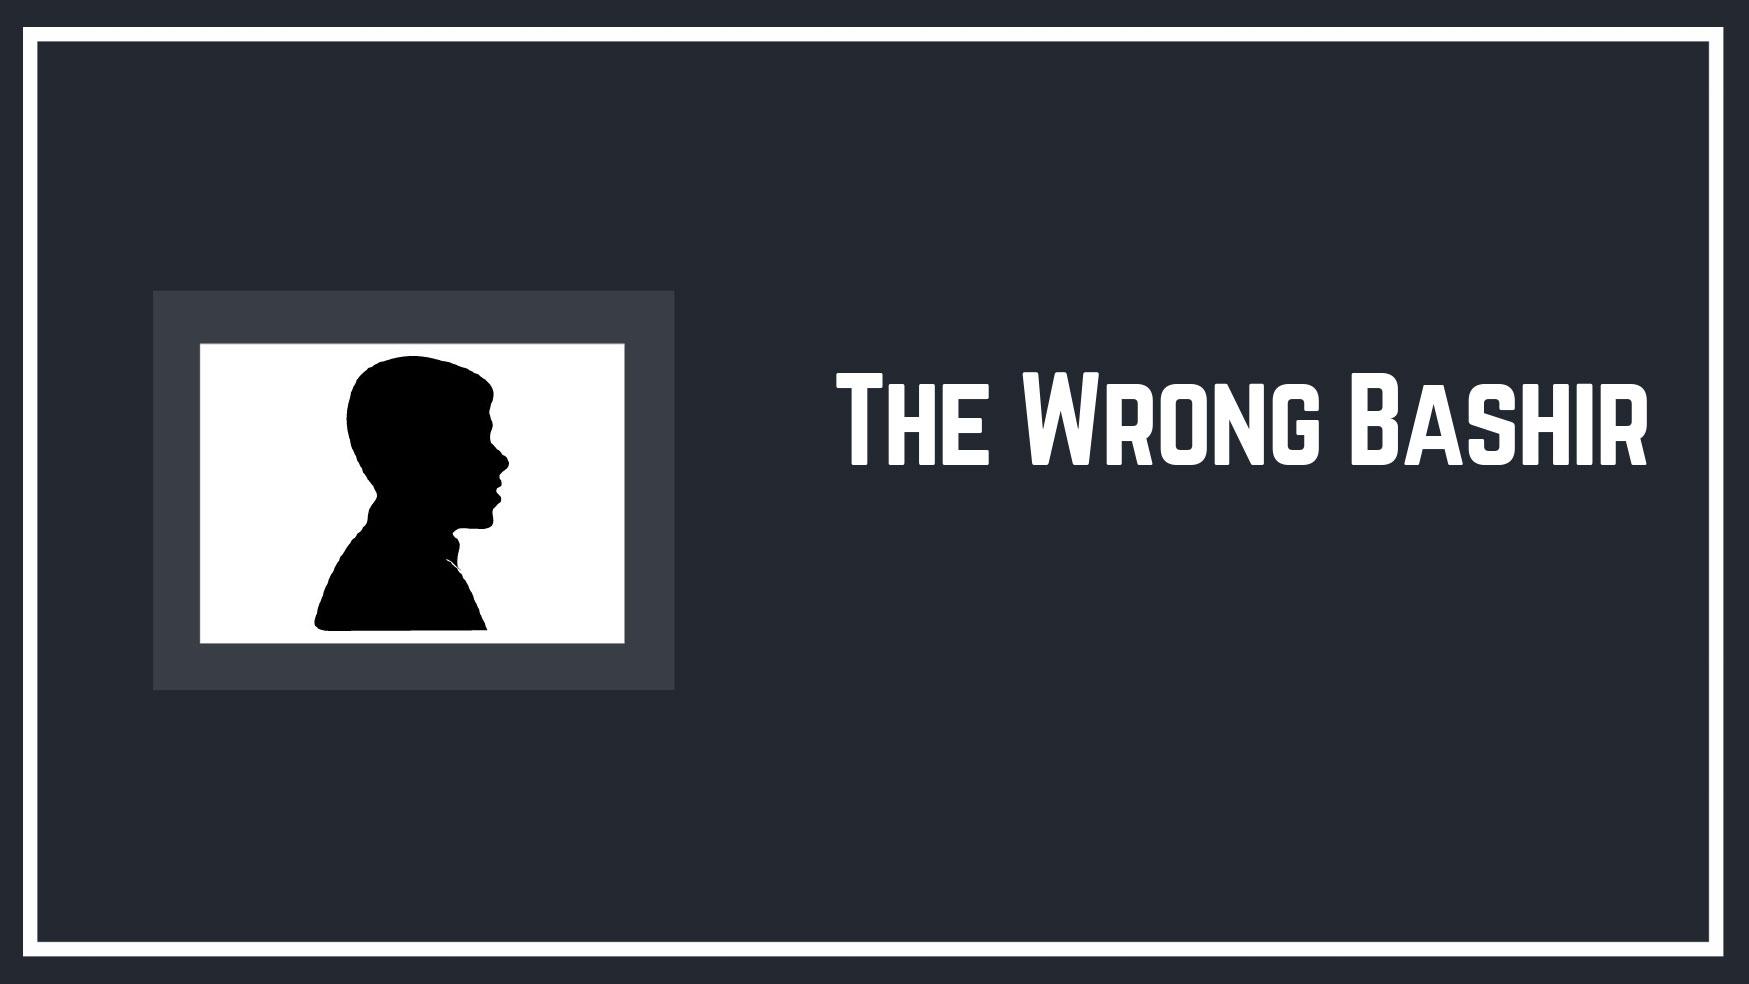 The-Wrong-Bashir.jpg